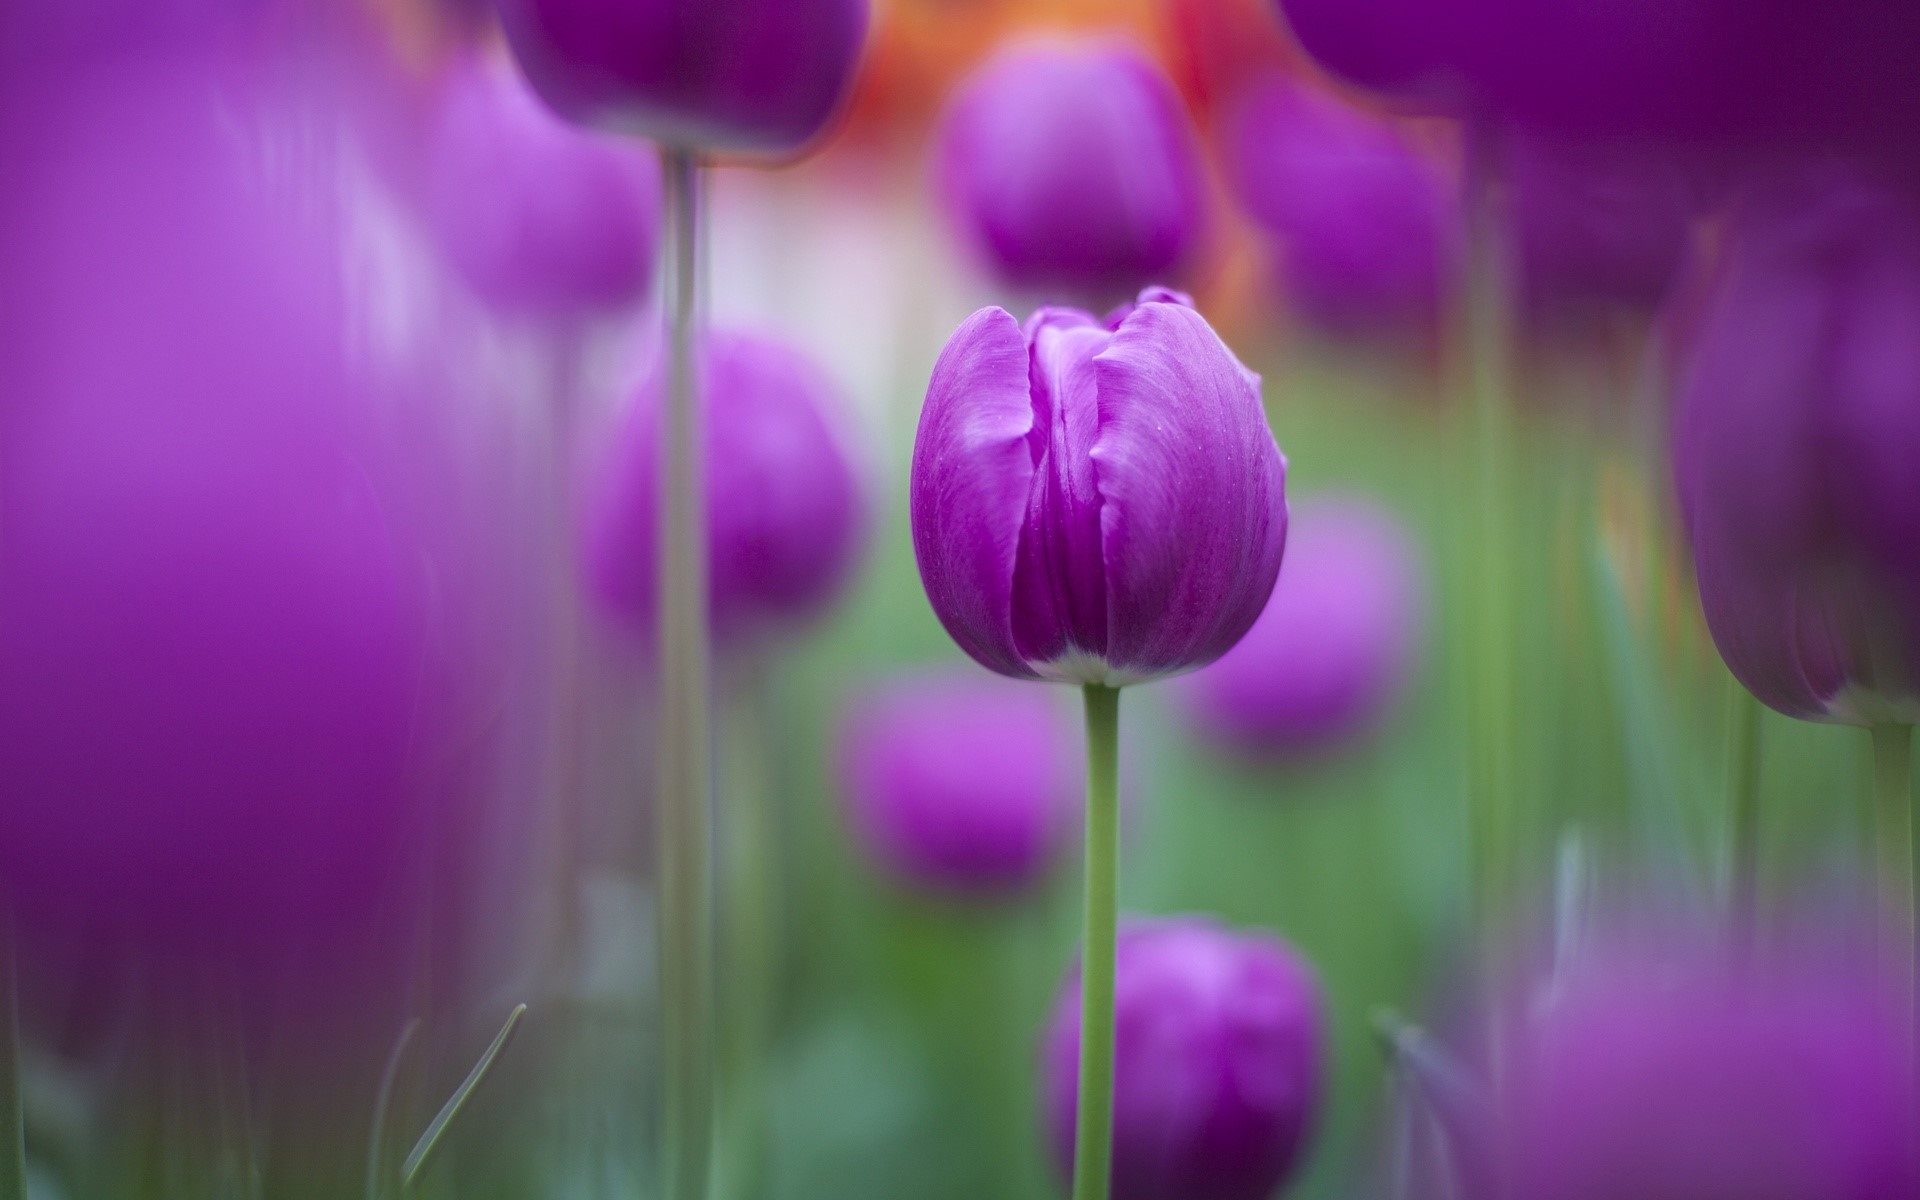 Fondos de pantalla Tulipanes morados